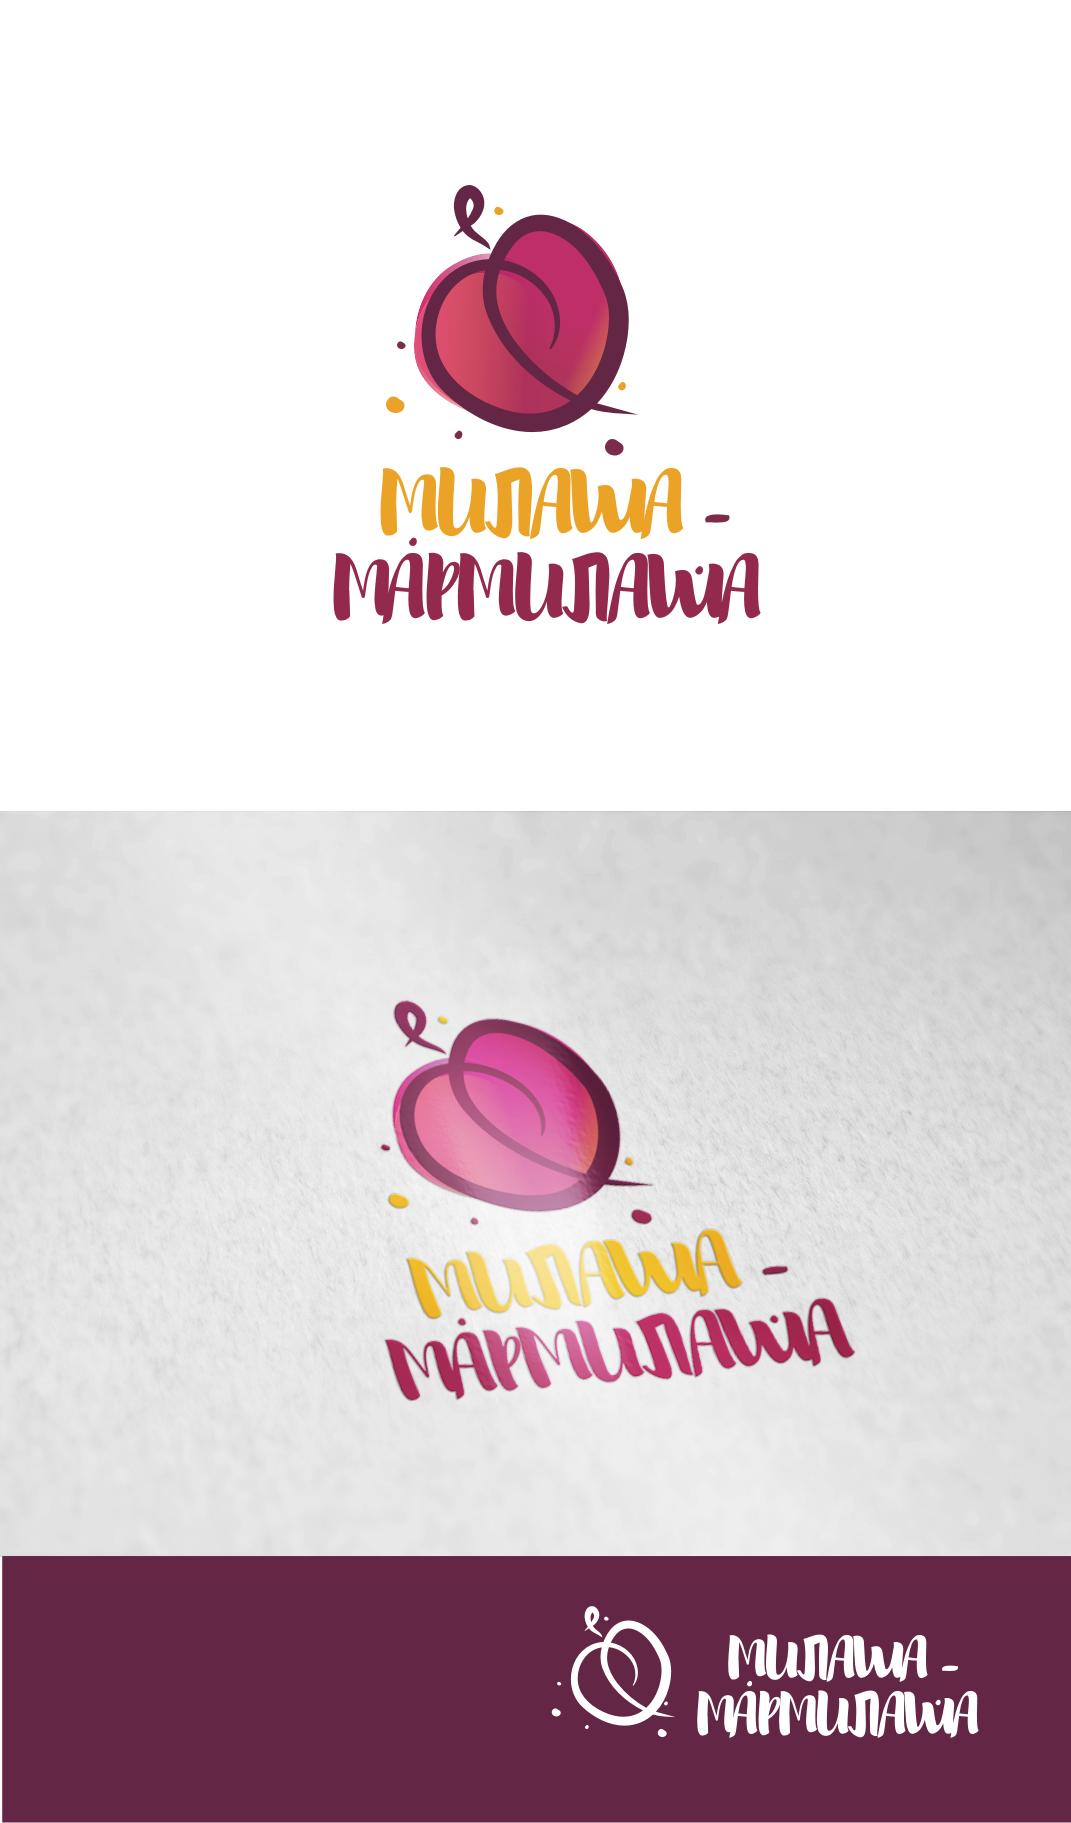 """Логотип для товарного знака """"Милаша-Мармилаша"""" фото f_0765874d660a3a50.png"""